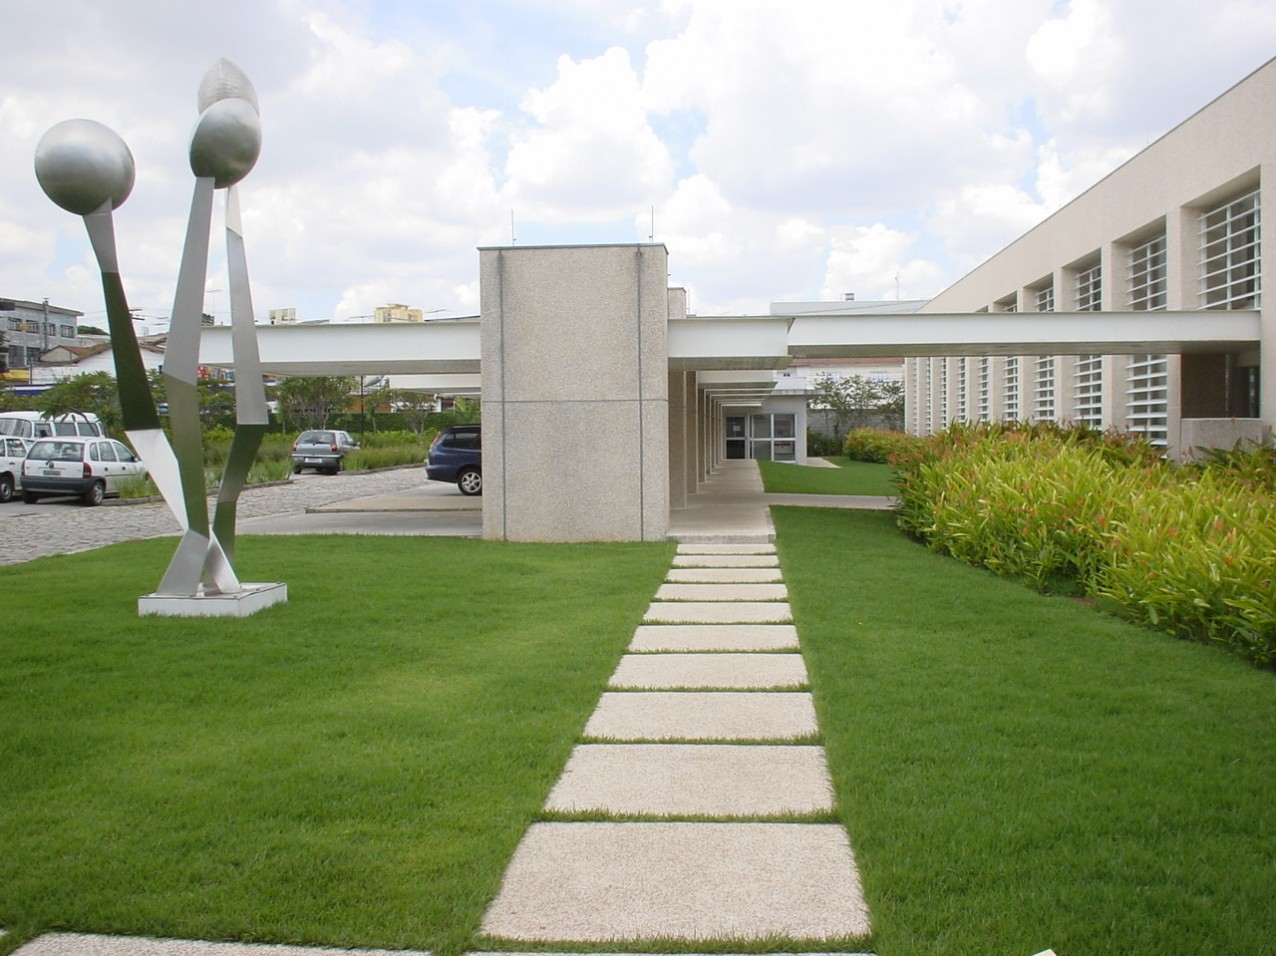 Obra industrial Durr do Brasil - Via de acesso